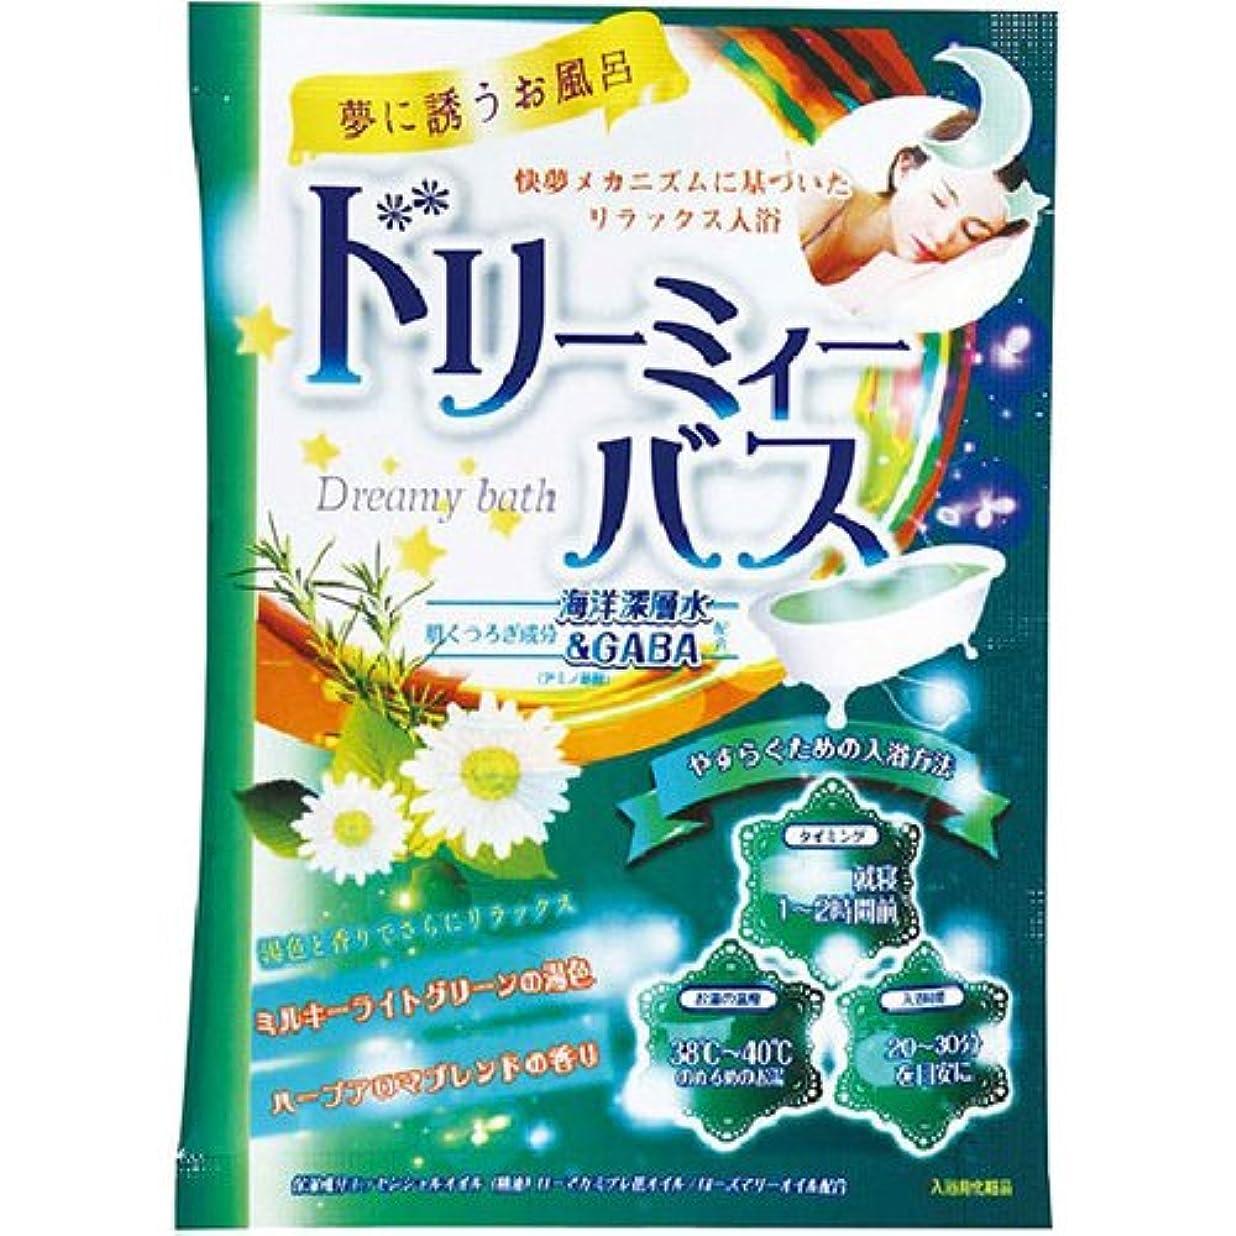 関係ないサイレン土器ドリーミィーバス ハーブアロマブレンドの香り 50g